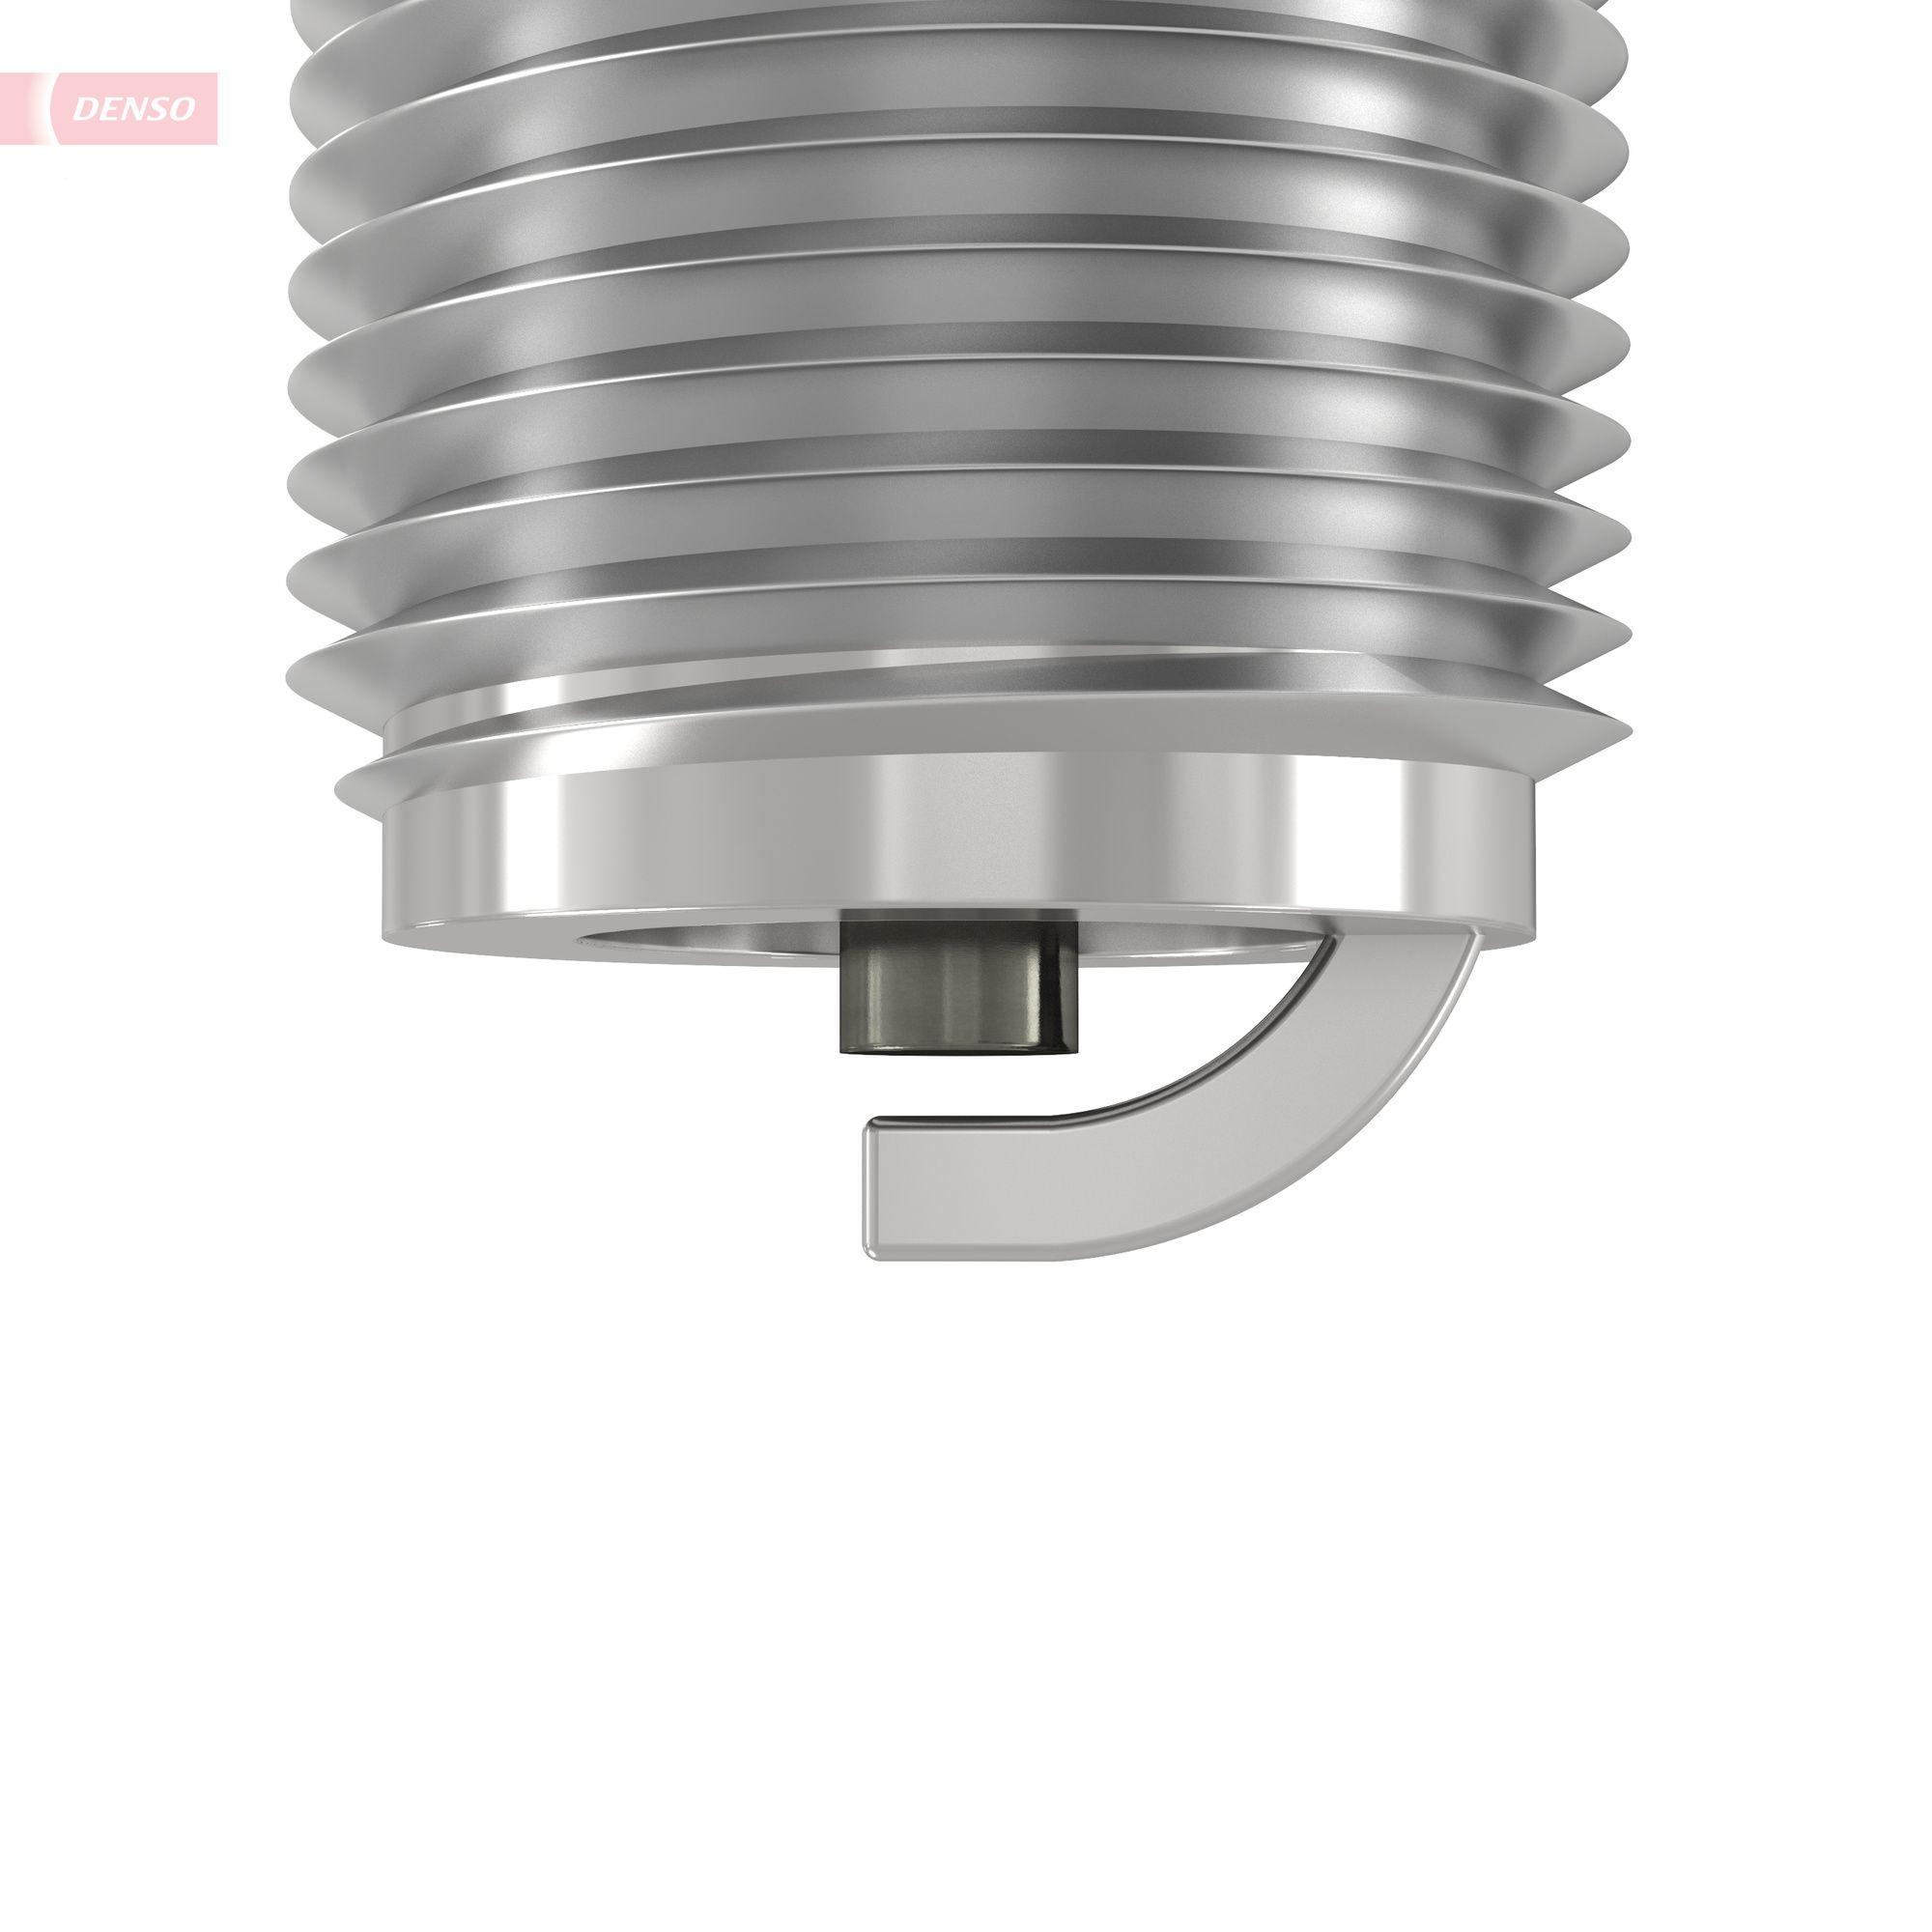 Купете мото DENSO Nickel размер на гайч.ключ: 20.6 Запалителна свещ W24FS-U евтино